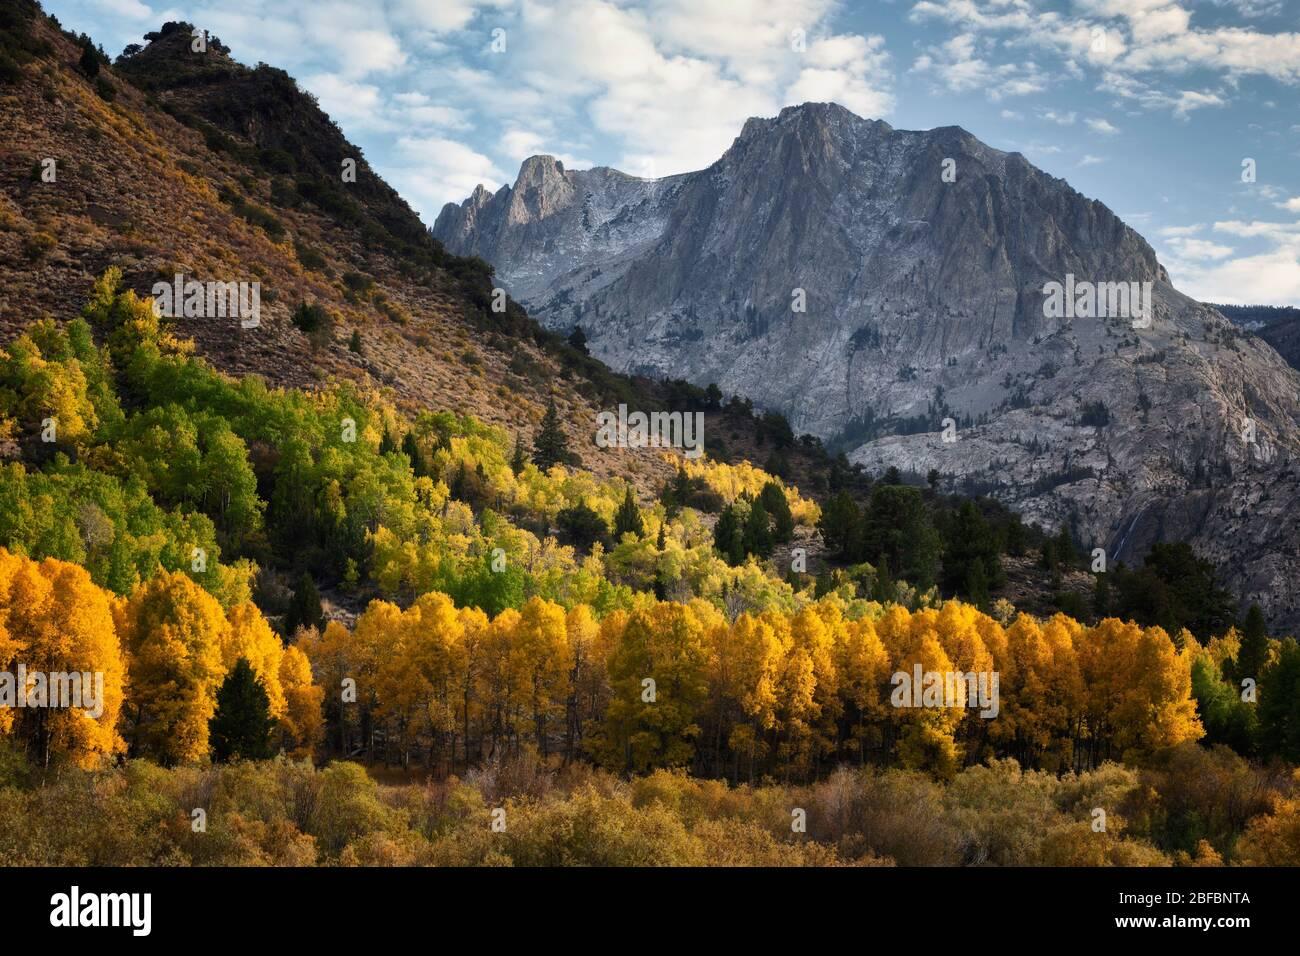 La poussière de neige sur les montagnes de la Sierra orientale ajoute à la beauté des arbres à trembles en automne le long de la boucle du lac de juin en Californie dans le comté de Mono. Banque D'Images